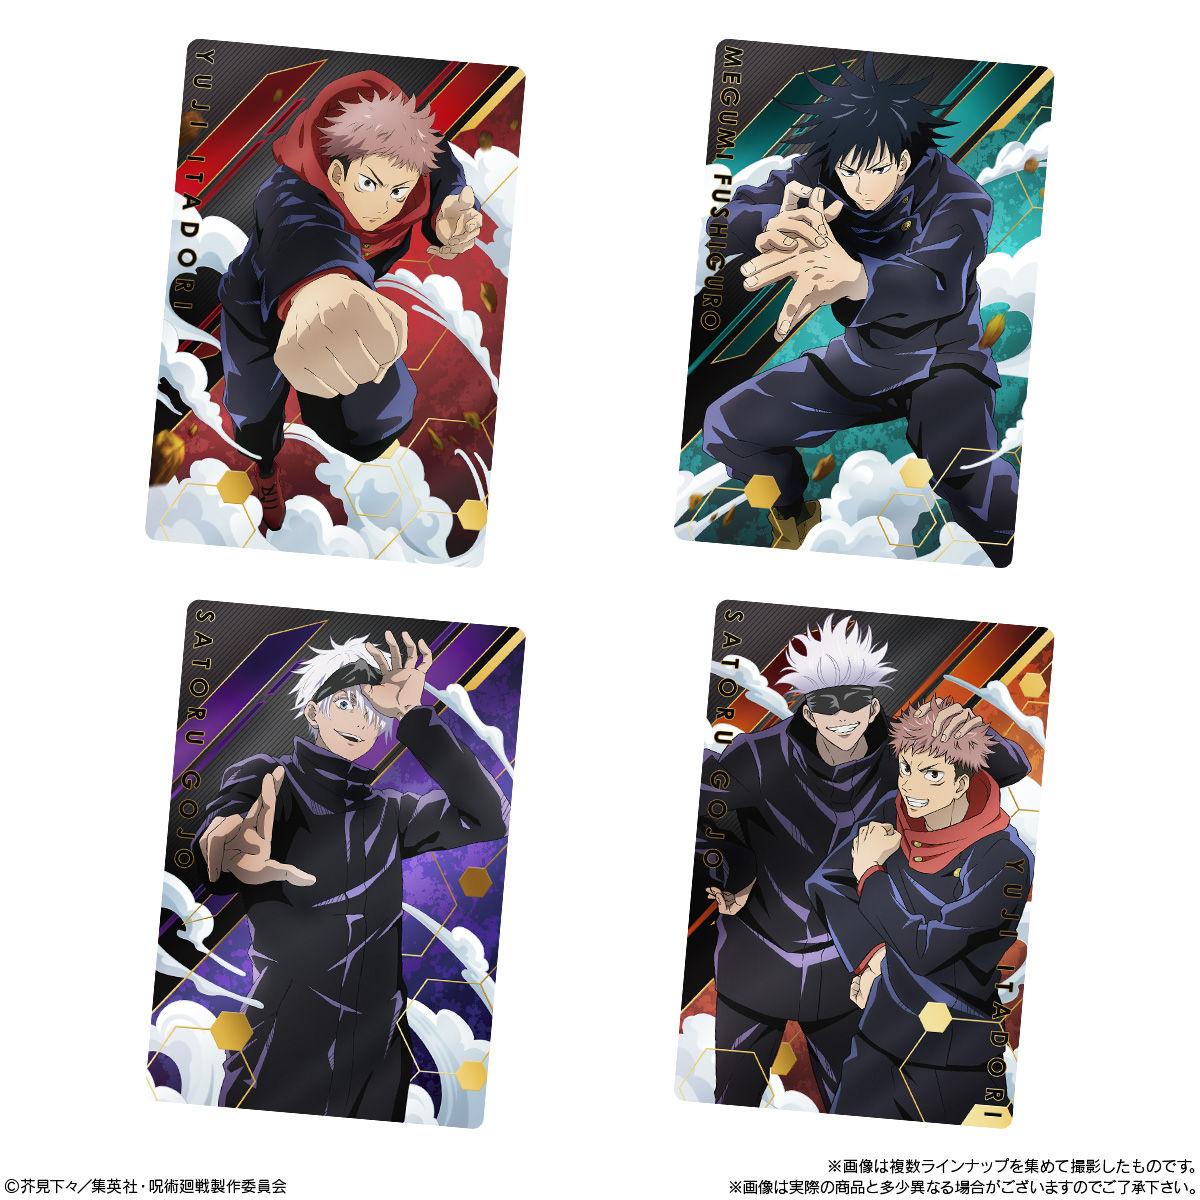 【食玩】呪術廻戦『呪術廻戦ウエハース』20個入りBOX-008